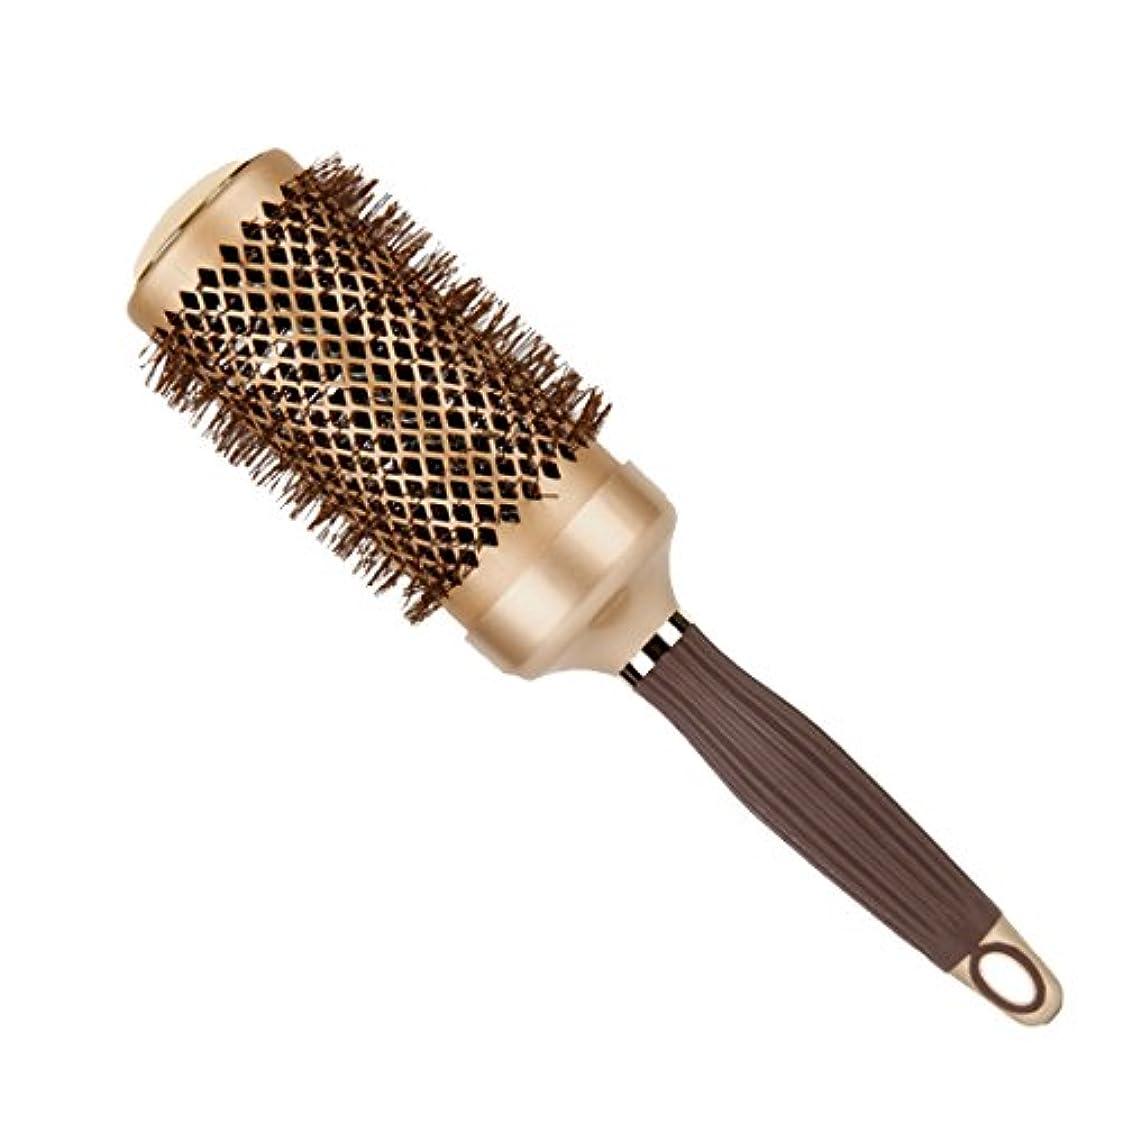 第四防止のためヘアブラシ メンズ レディース ロールブラシ ナイロン 耐熱 ゴージャス風 ゴールド カール 巻き髪に ブローブラシ 静電気防止 ヘアスタイリング 大きい ヘアーブラシ 美容師 ヘアケア ブラシ 美髪器具